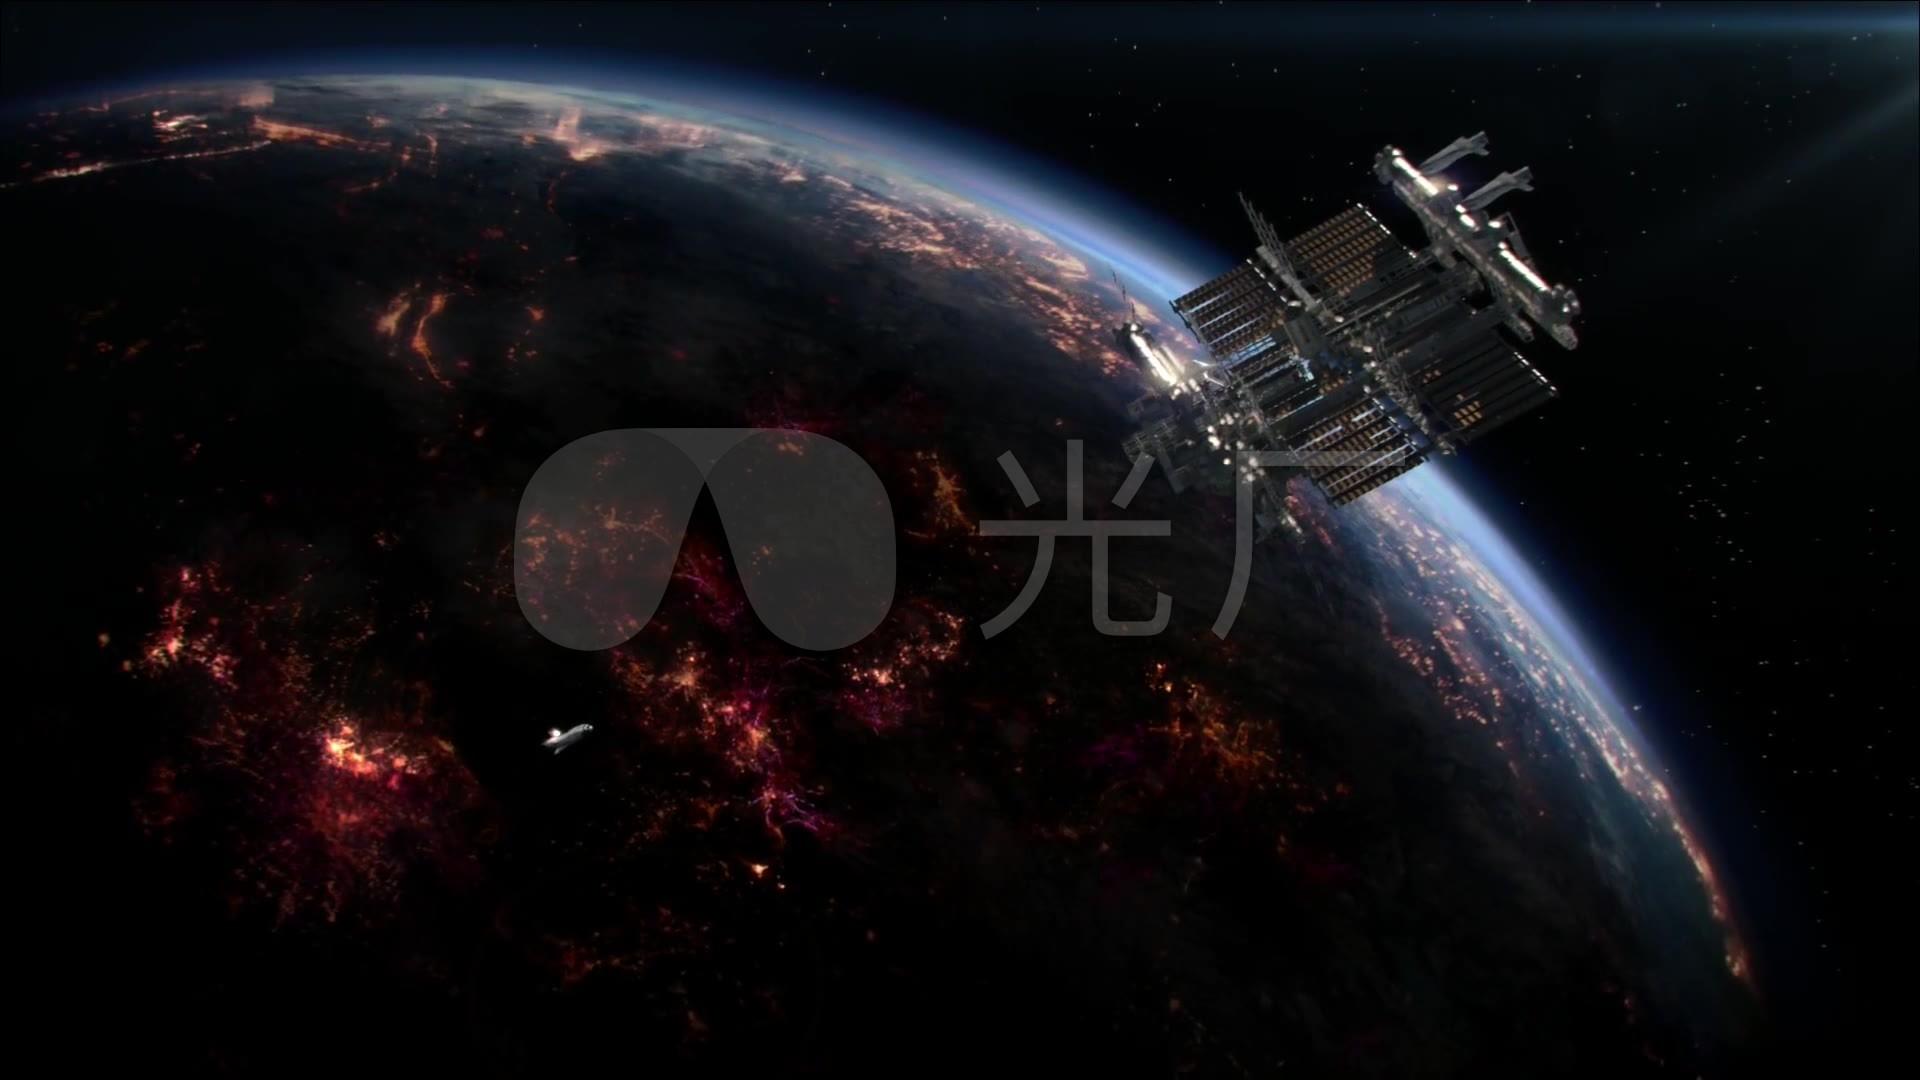 科幻游戏美女乘坐航天飞机发射火箭离开地球_1920x